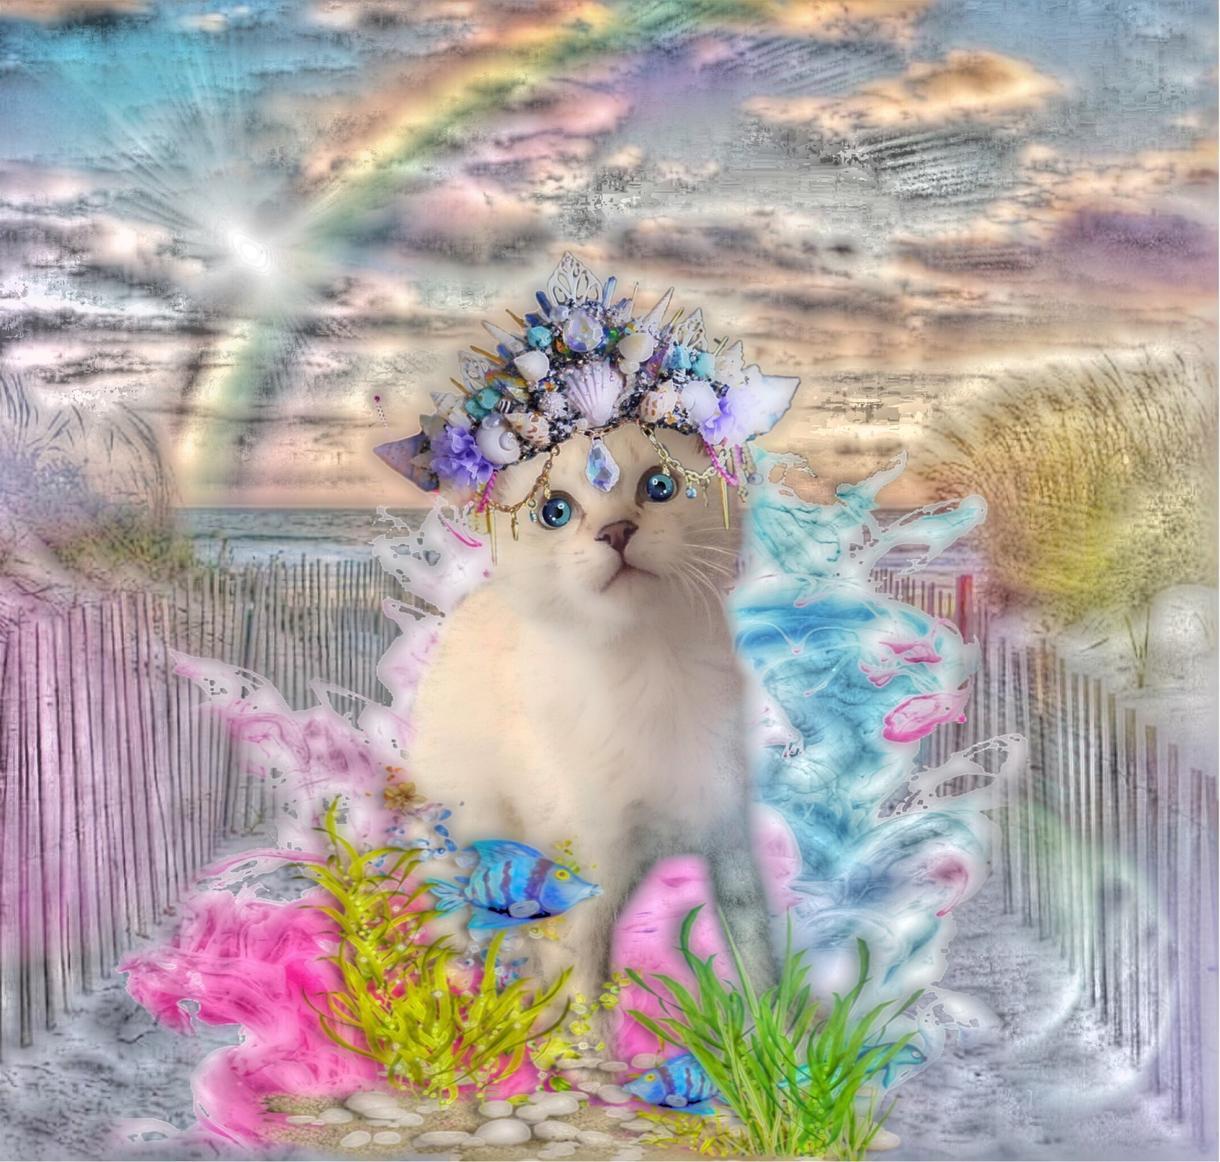 猫ちゃんのお写真から素敵なイラスト作成します オリジナリティ溢れるアート作品を提供します。